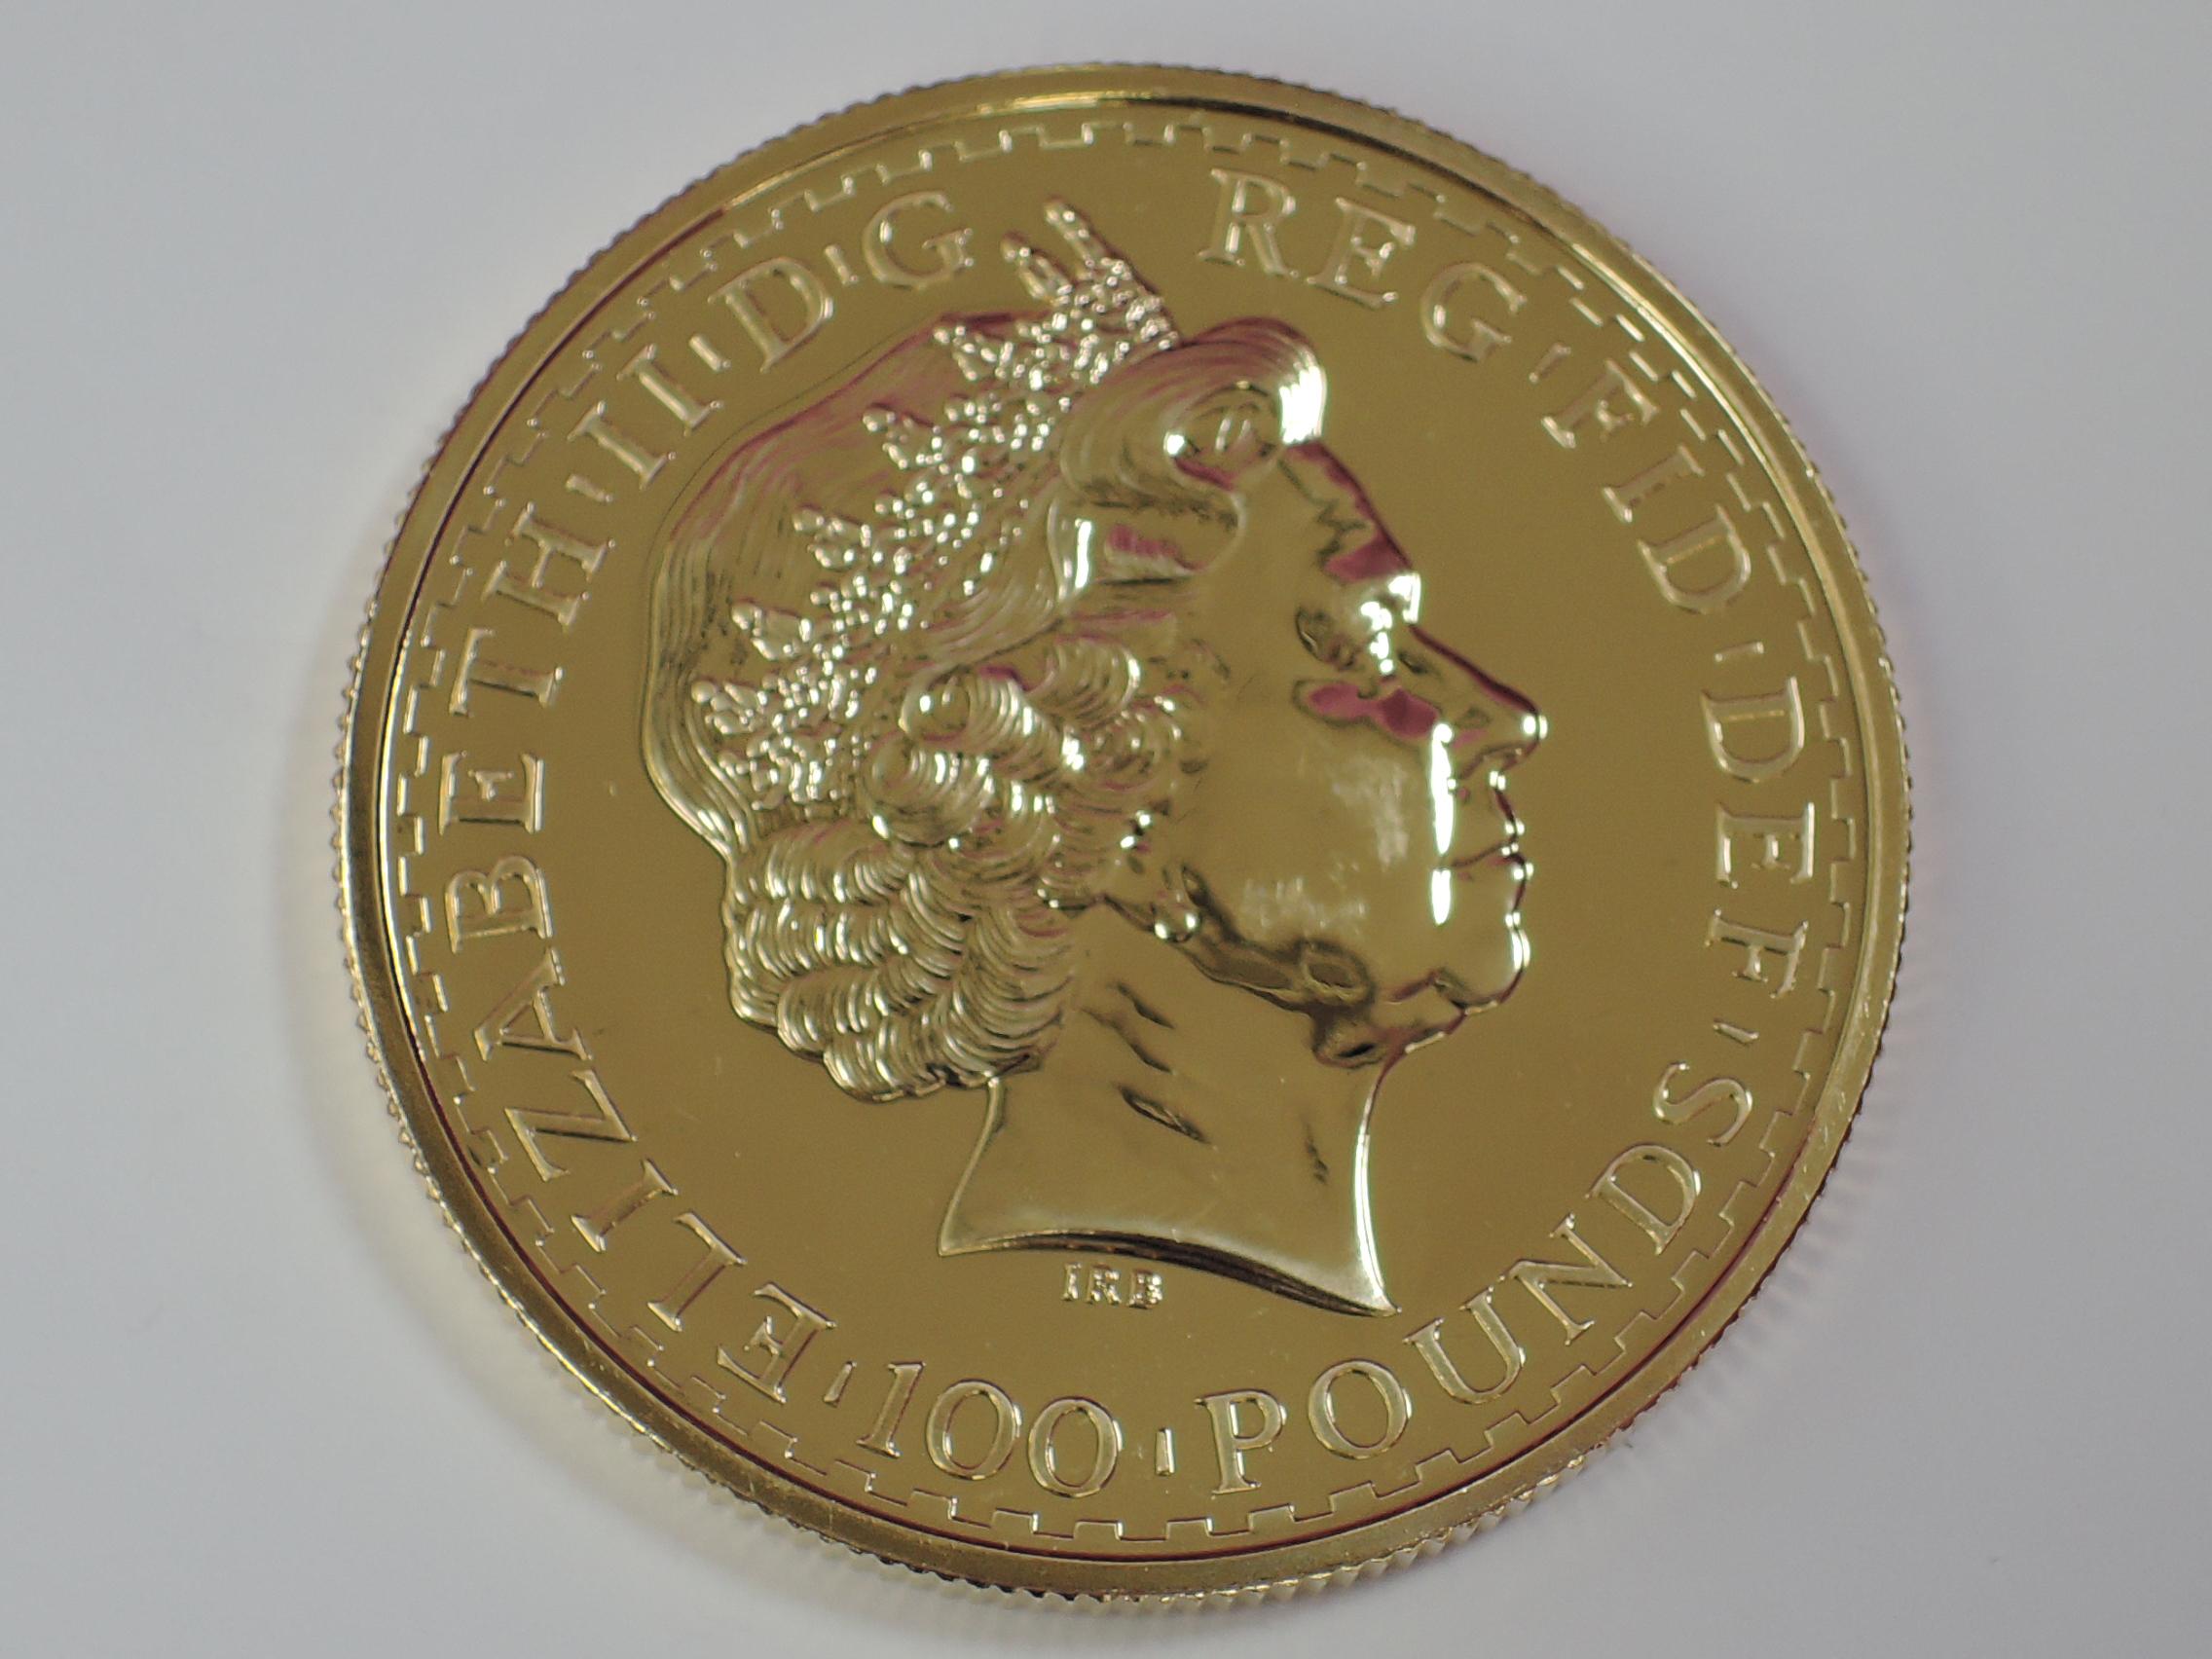 Lot 637 - A gold 1oz 2007 Great Britain Britannia 100 pound coin, in plastic case